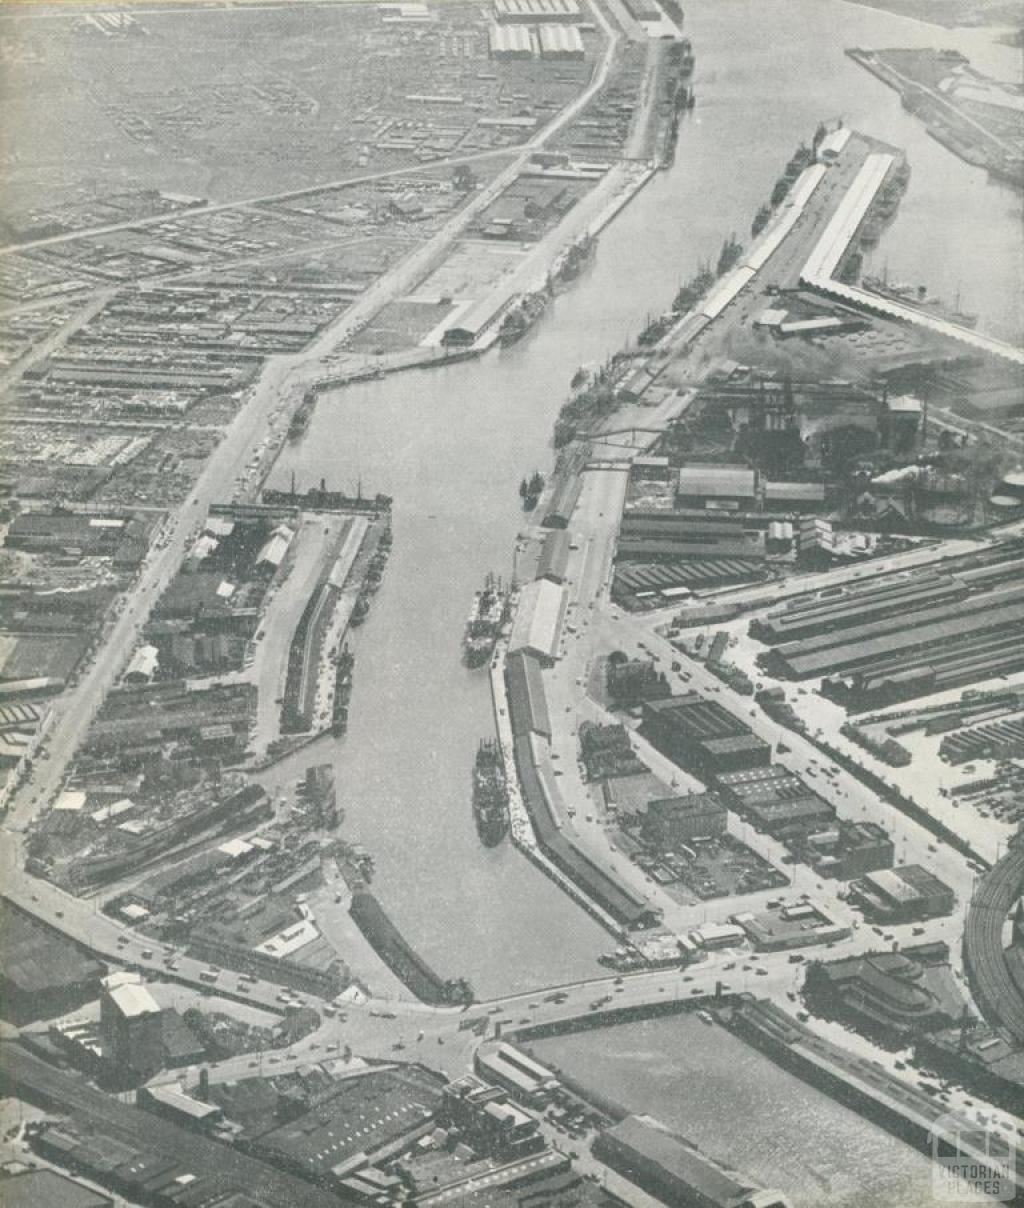 River Yarra, Port of Melbourne, 1947